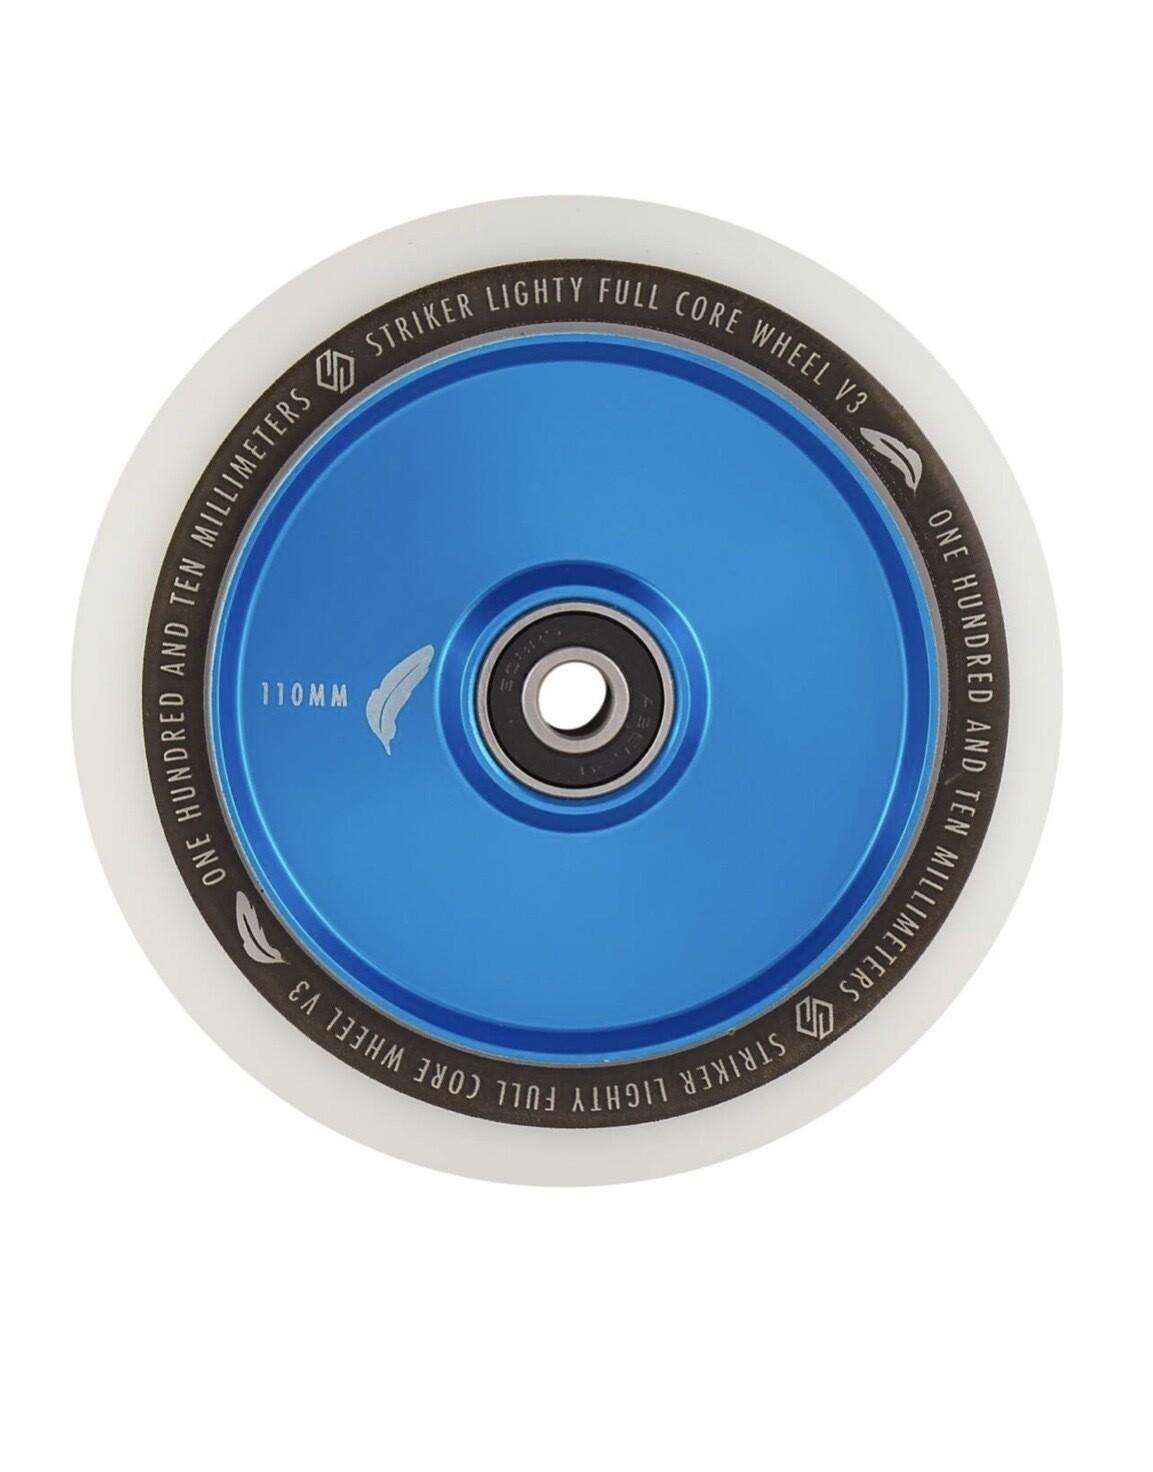 Striker Lighty Full Core V3 White Pro Scooter Wheel (Color: Blue)